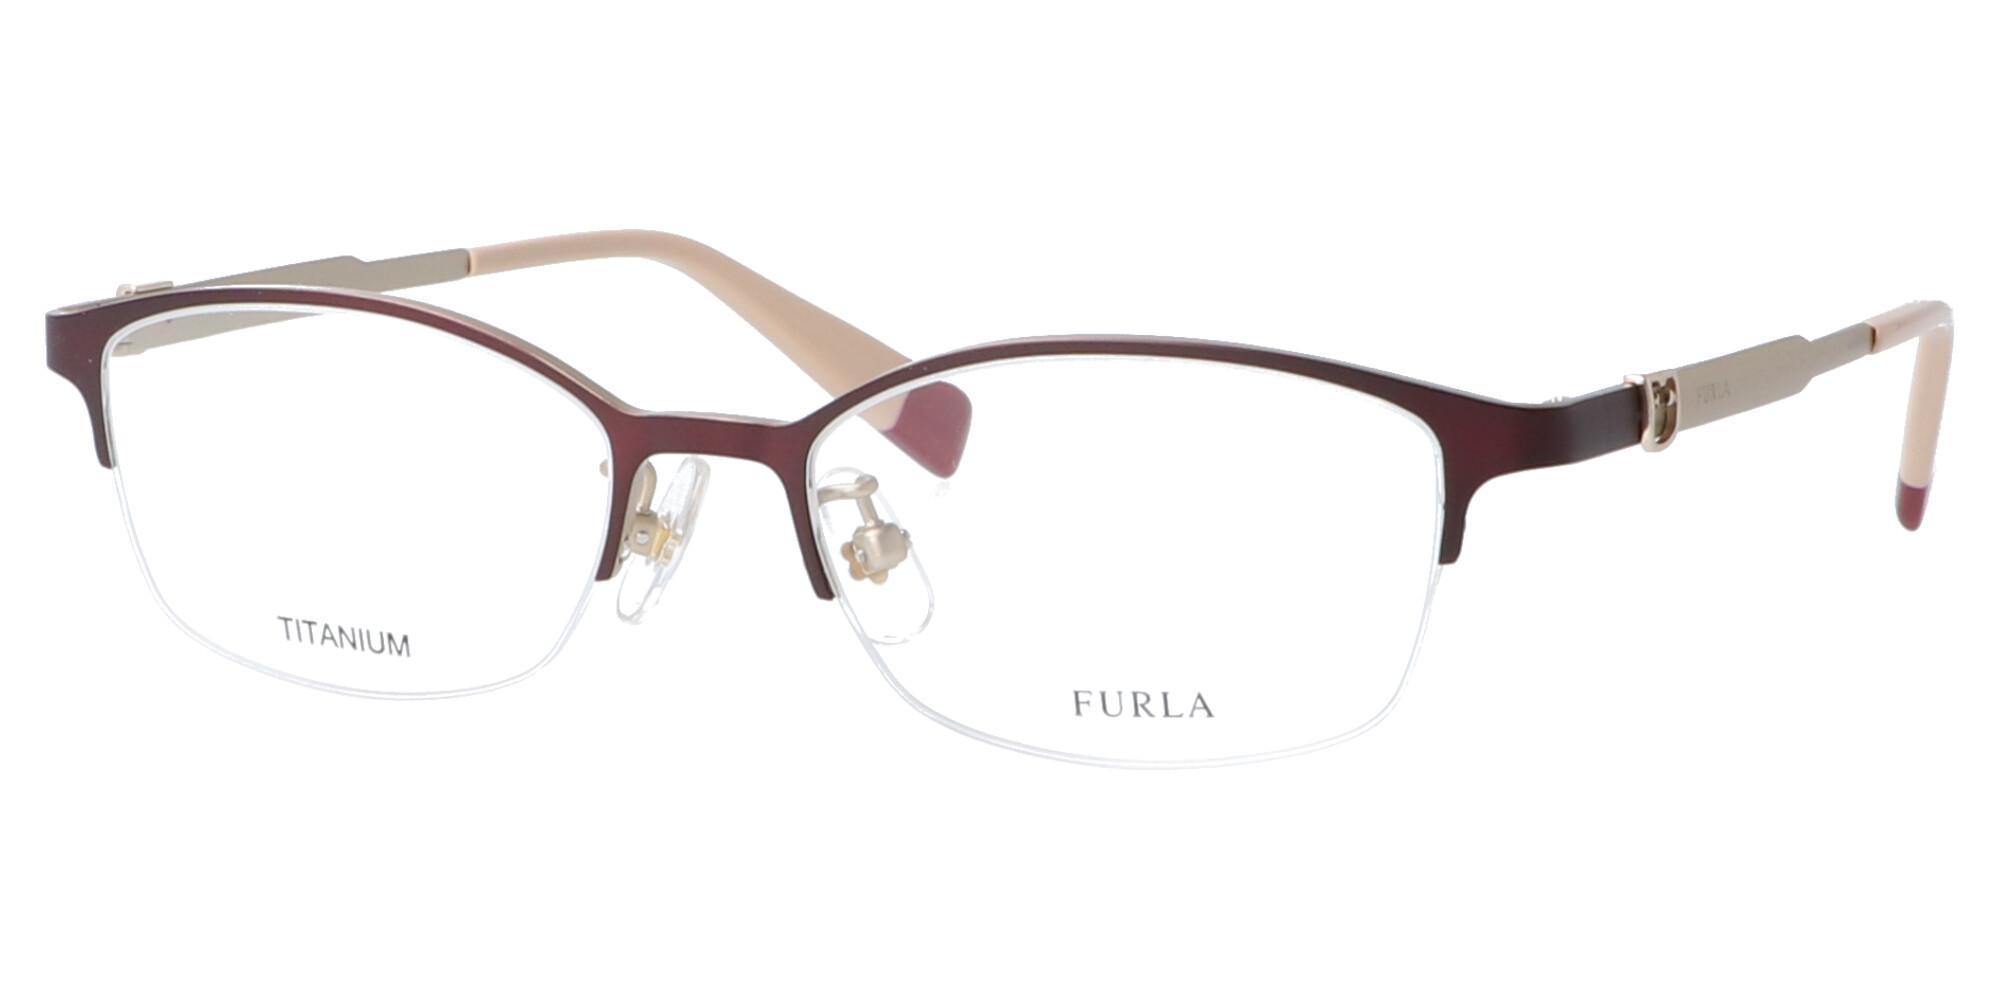 FURLA VFU407J_50_マットボルドー/ホワイトゴールド